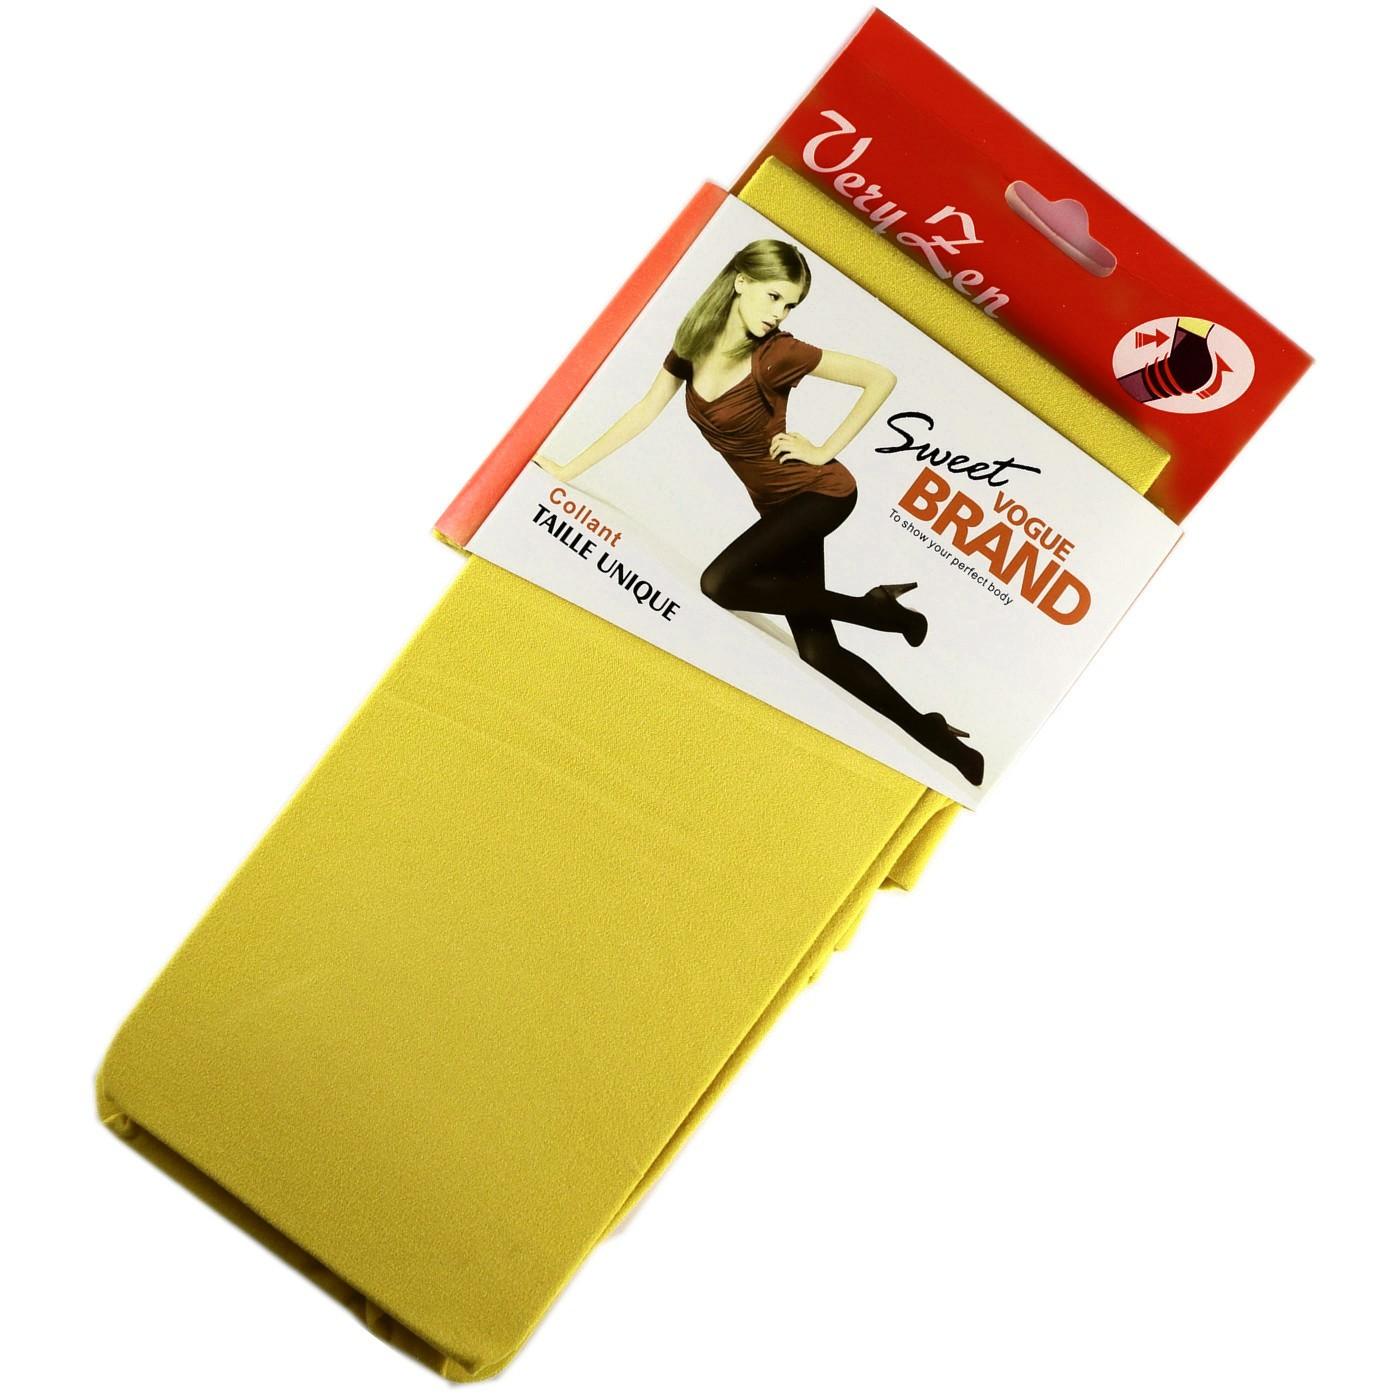 collant opaque color 60den jaune color block livraison gratuite modebasfr - Collants Opaques Colors